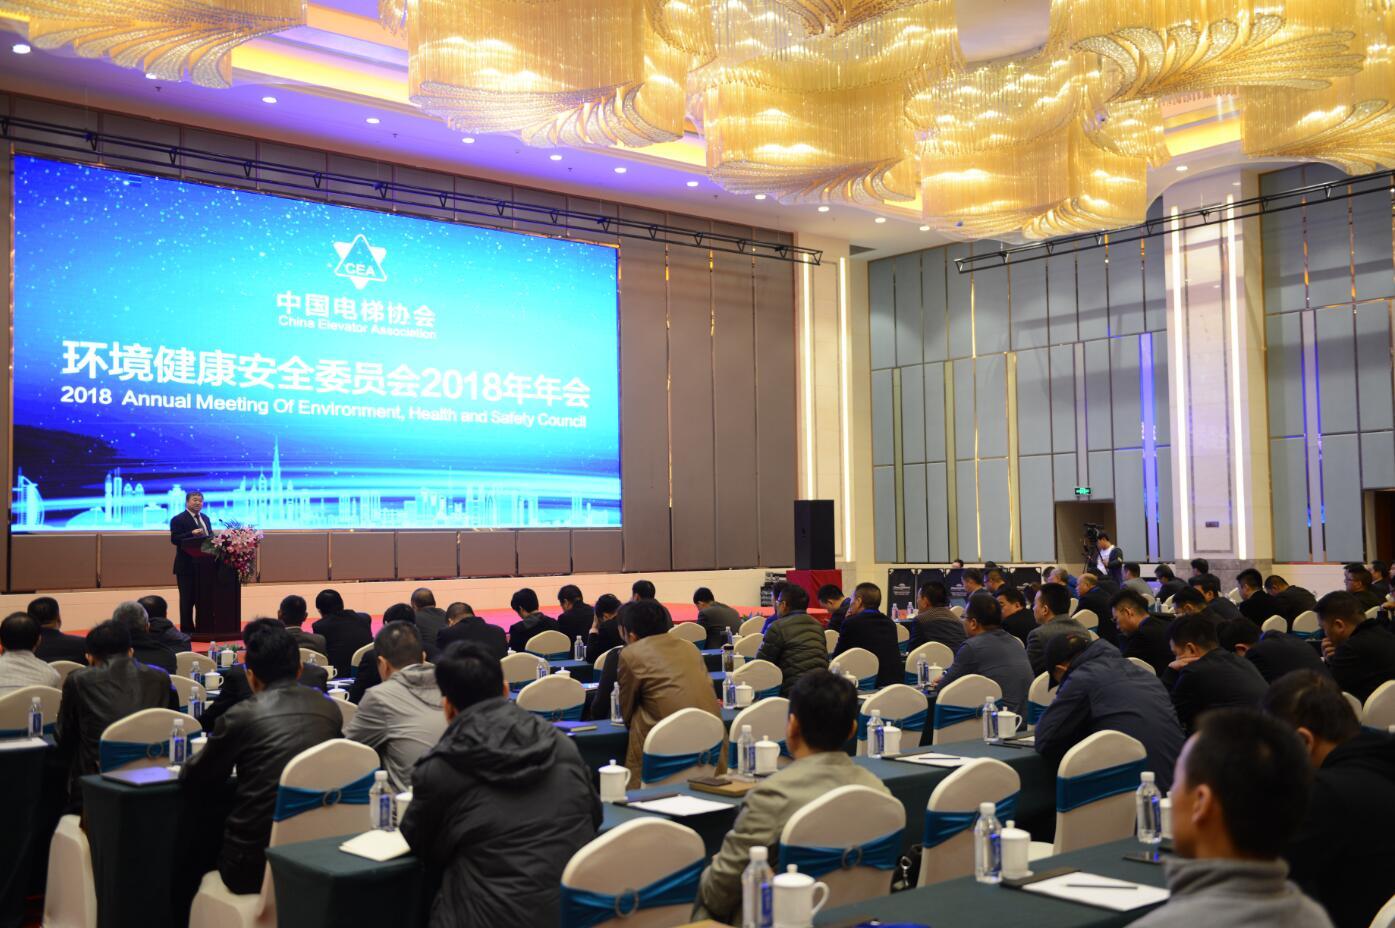 中国电梯协会环境健康安全委员会2018年年会召开